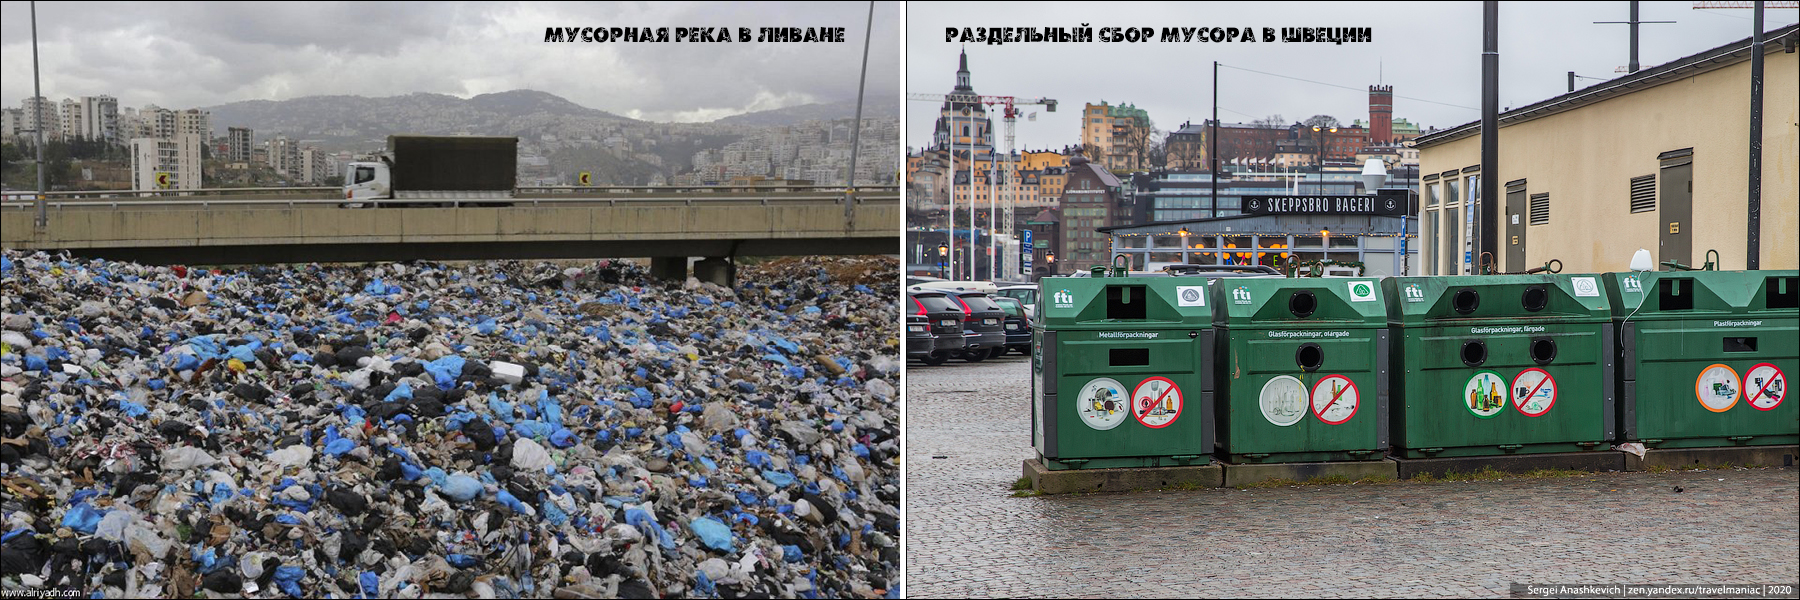 Эксперты и активисты: «Калуга» готова к приёму мусора Россия,путешествия,мусор,как это сделано